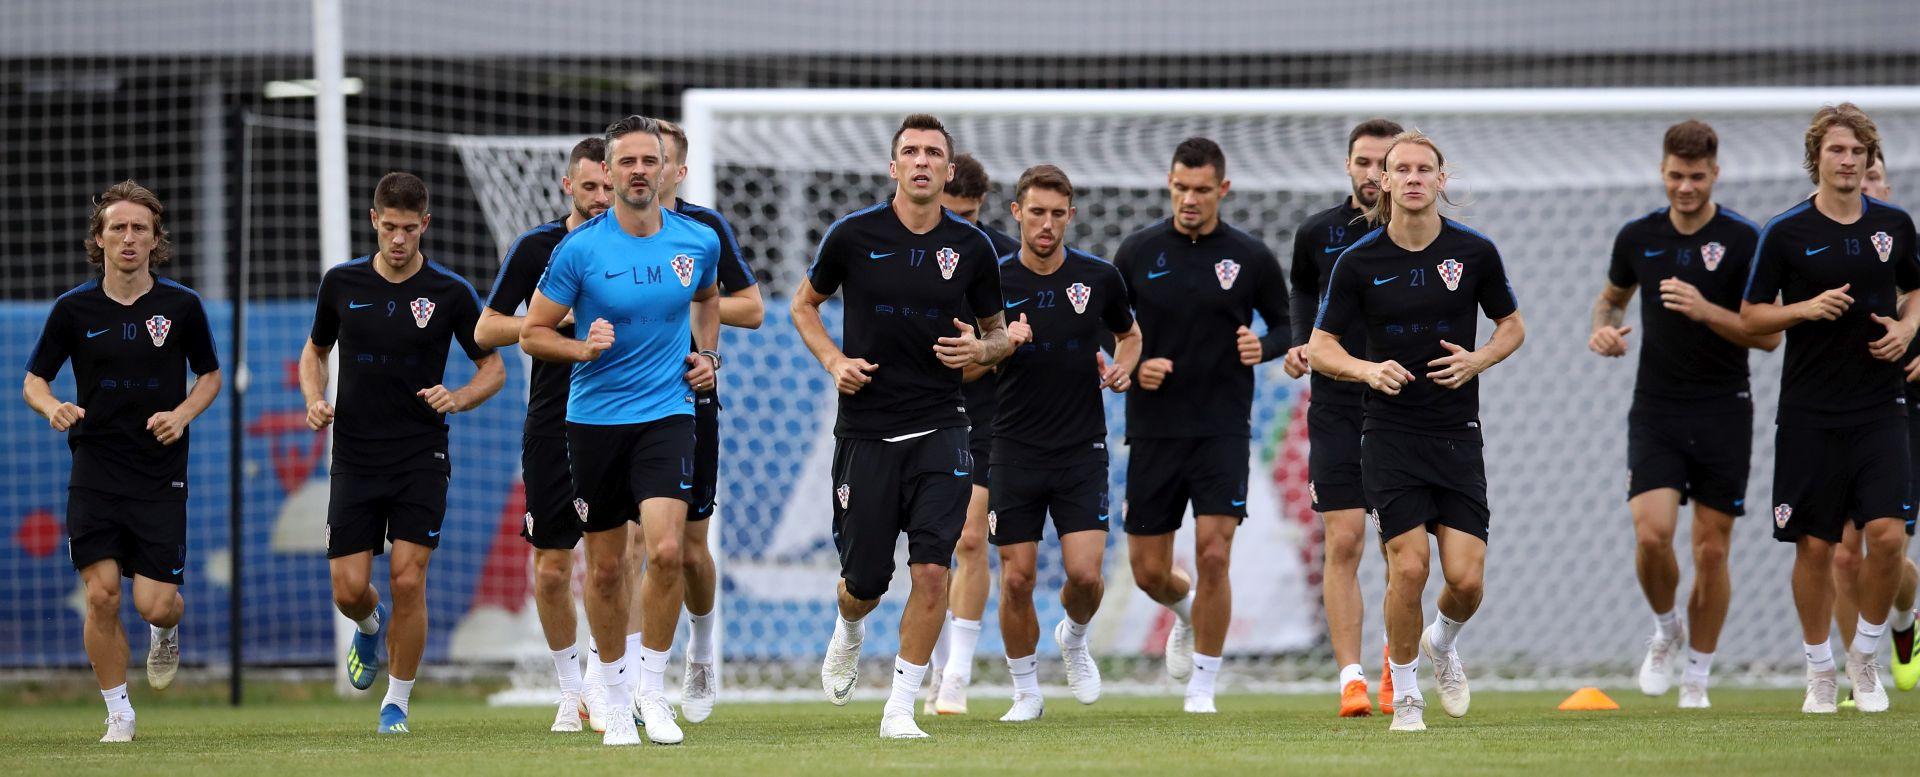 Hrvatski reprezentativci na meti velikana, čak desetorica mijenjaju klubove